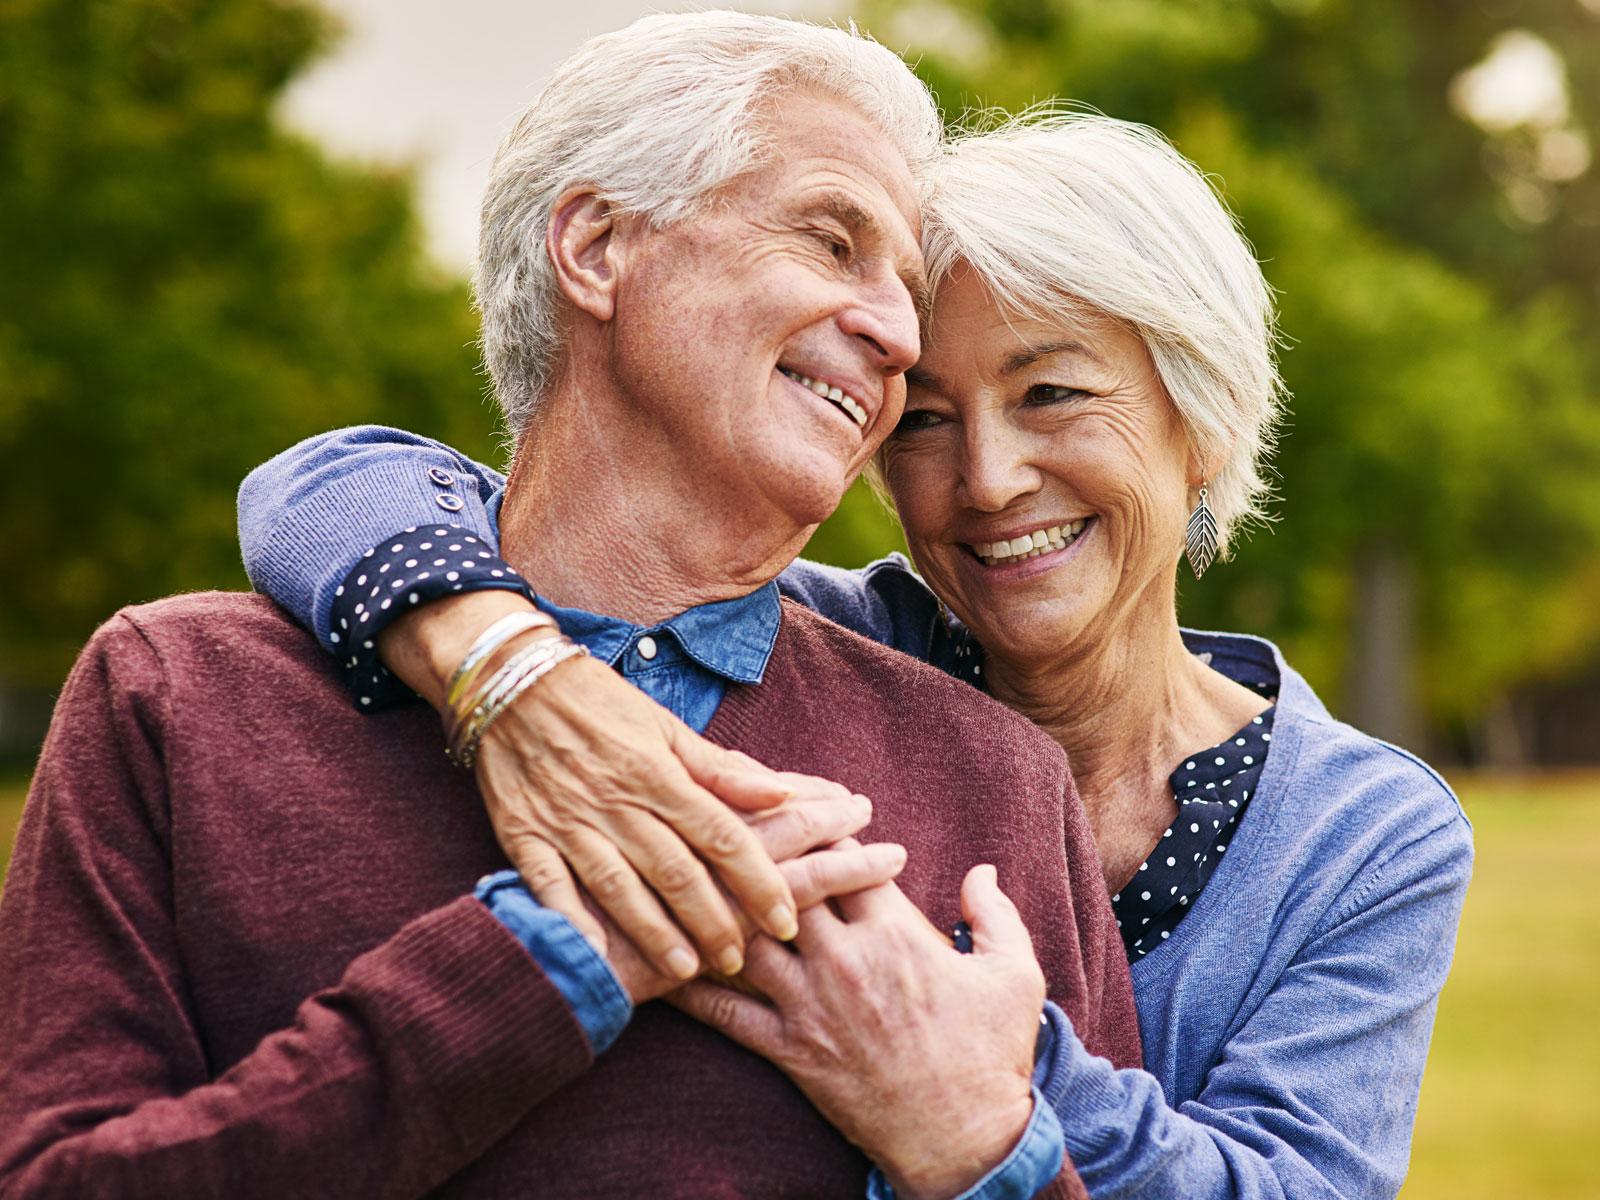 Casal em busca da longevidade do sorriso